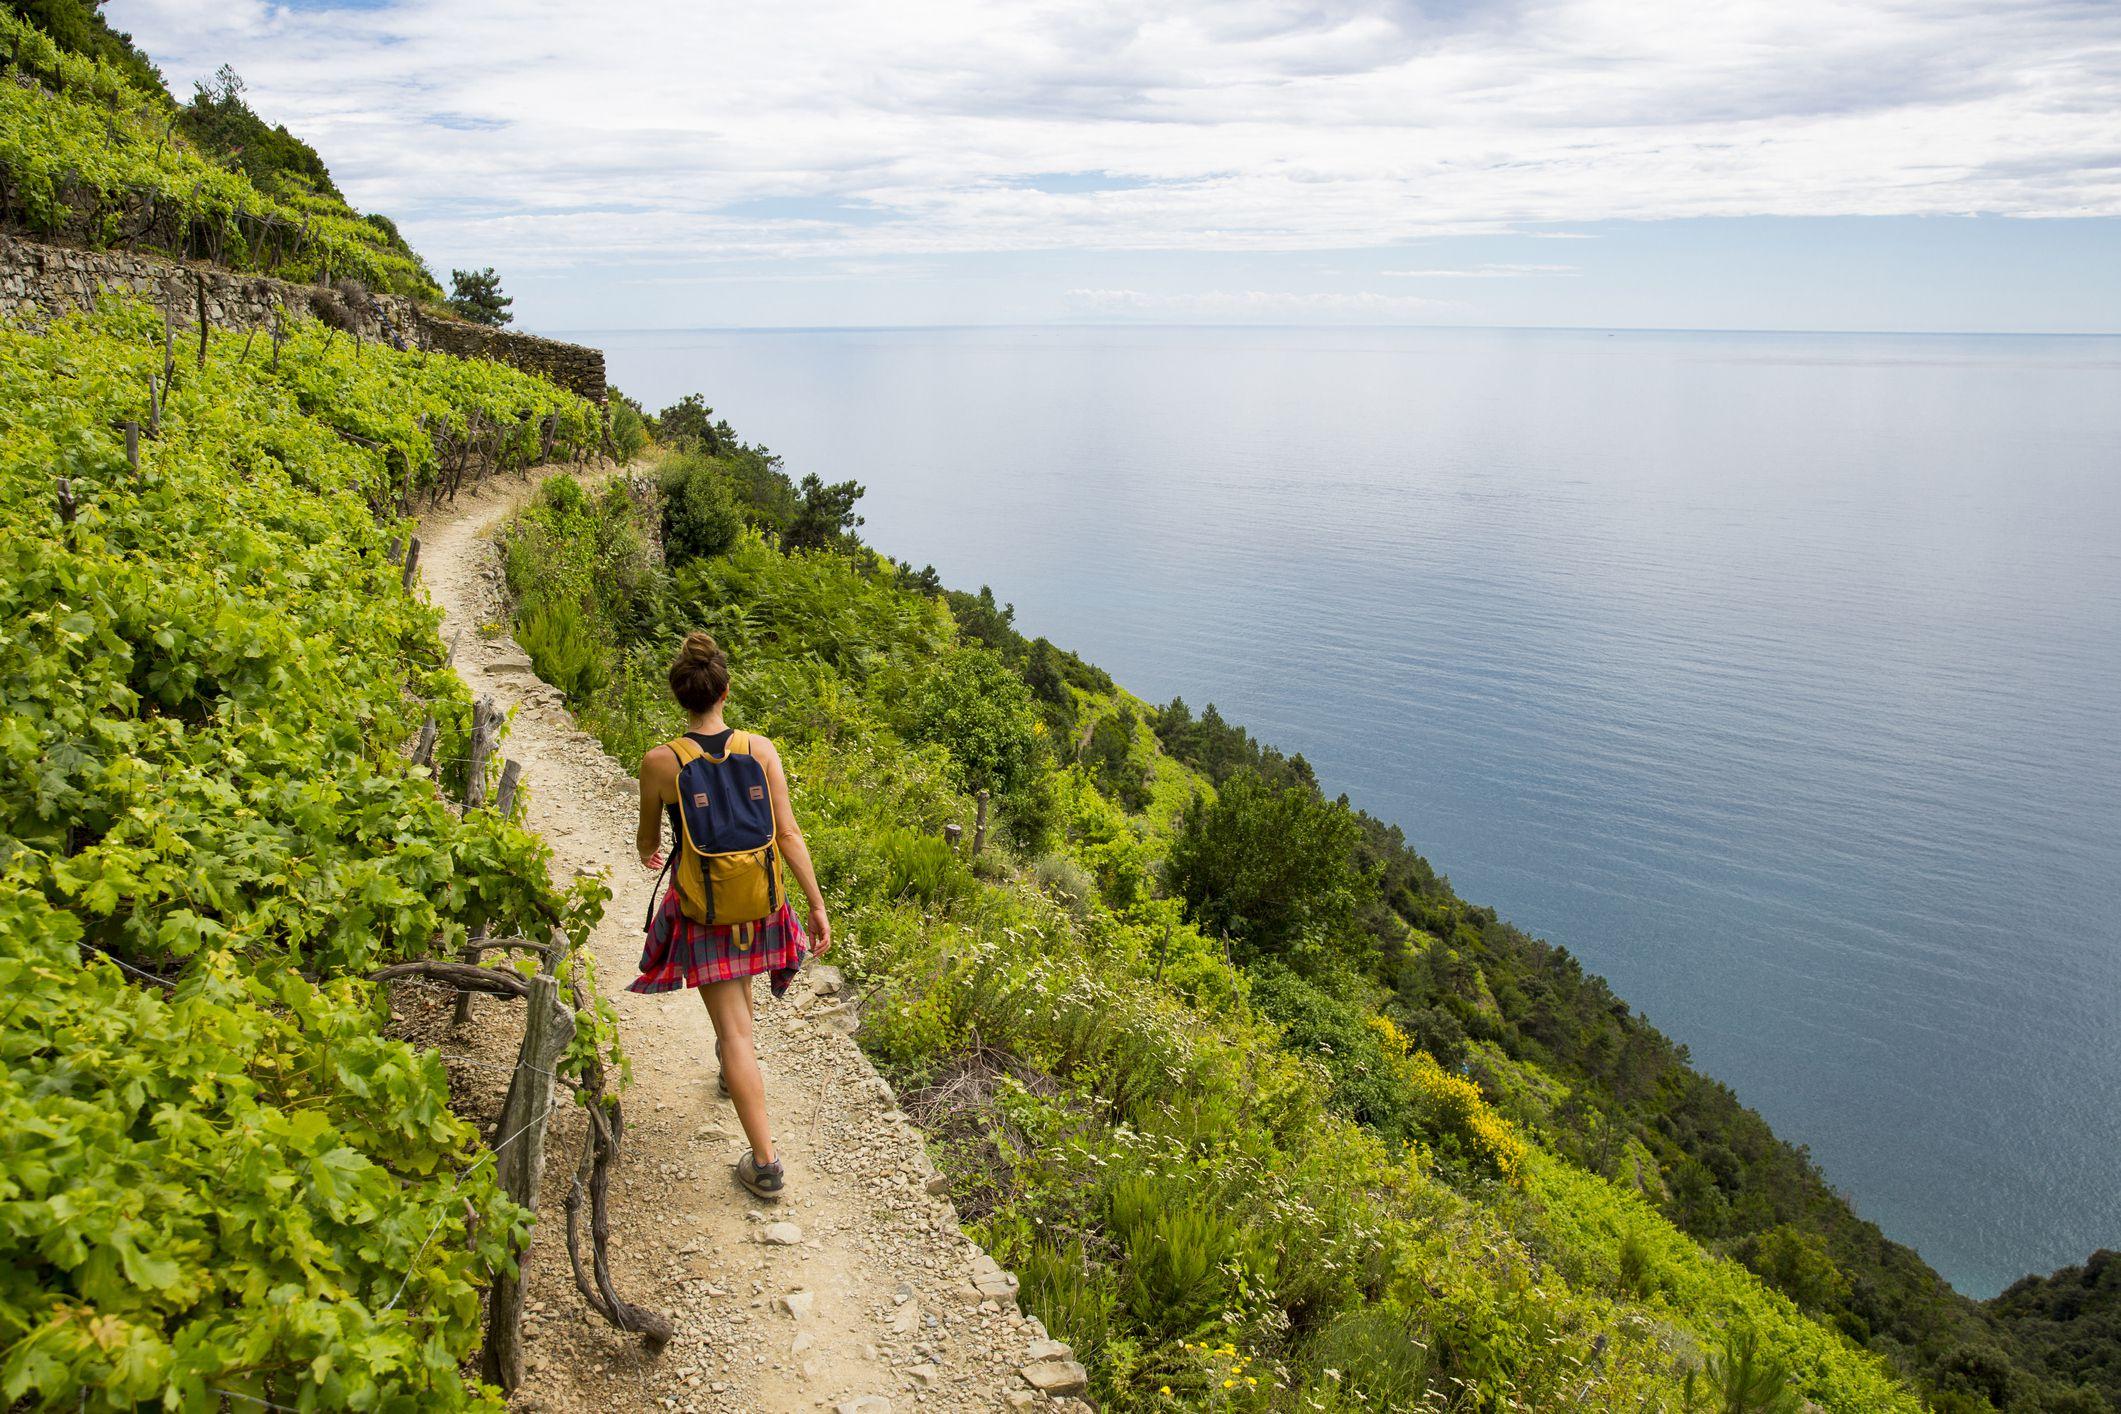 Corniglia Italy Map.Hiking The Cinque Terre Trails In Italy